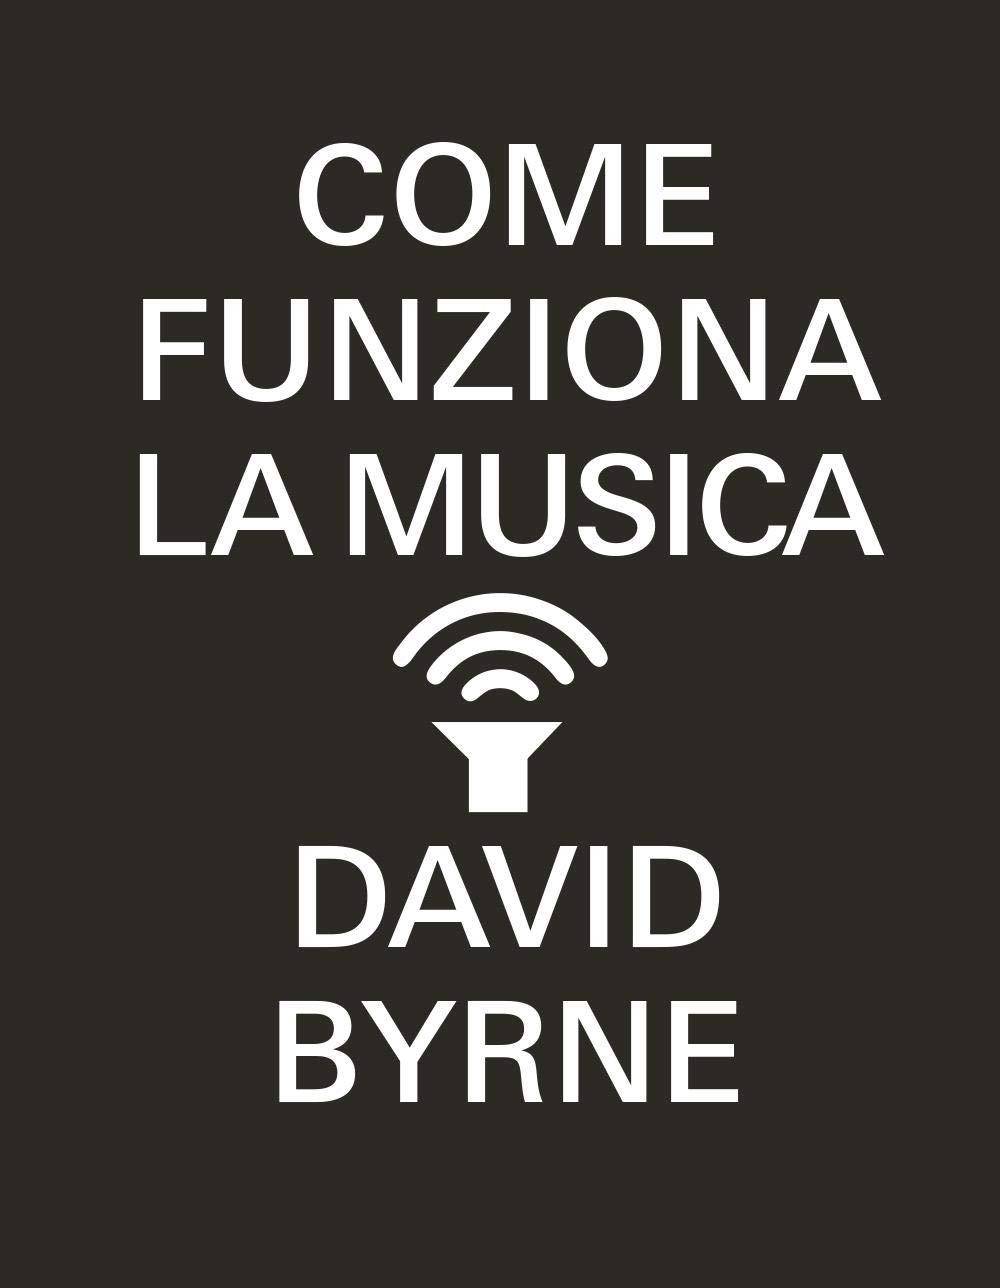 come-funziona-la-musica-david-byrne-cover-book